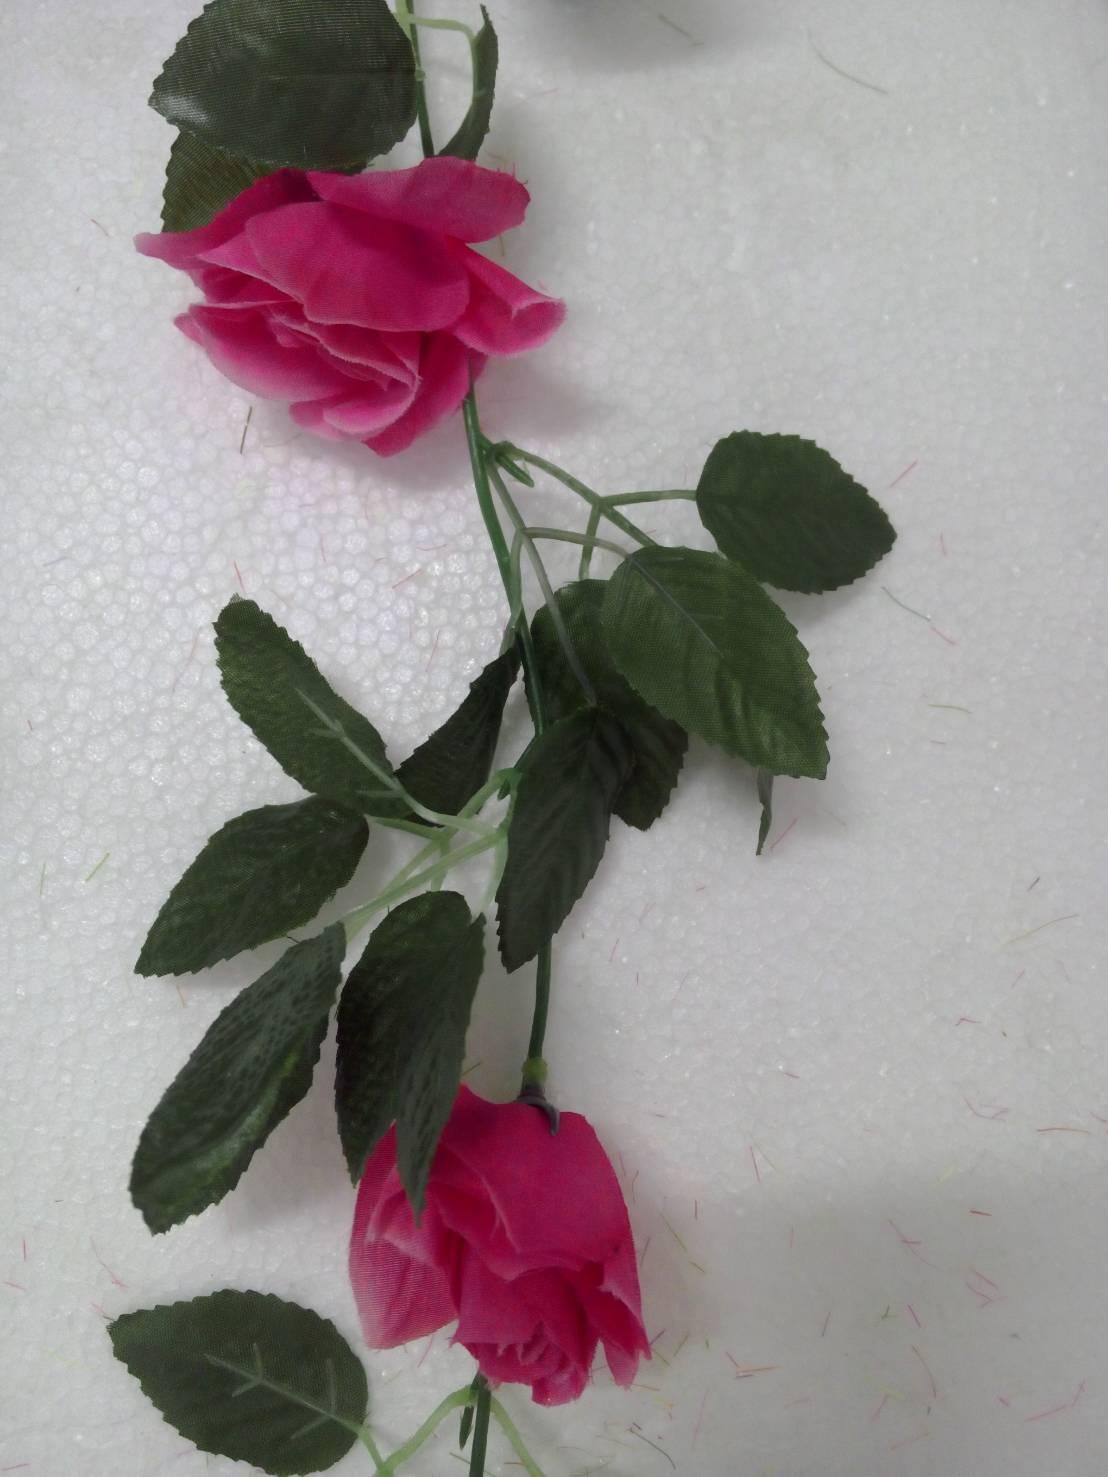 เถาวัลย์ดอกไม้